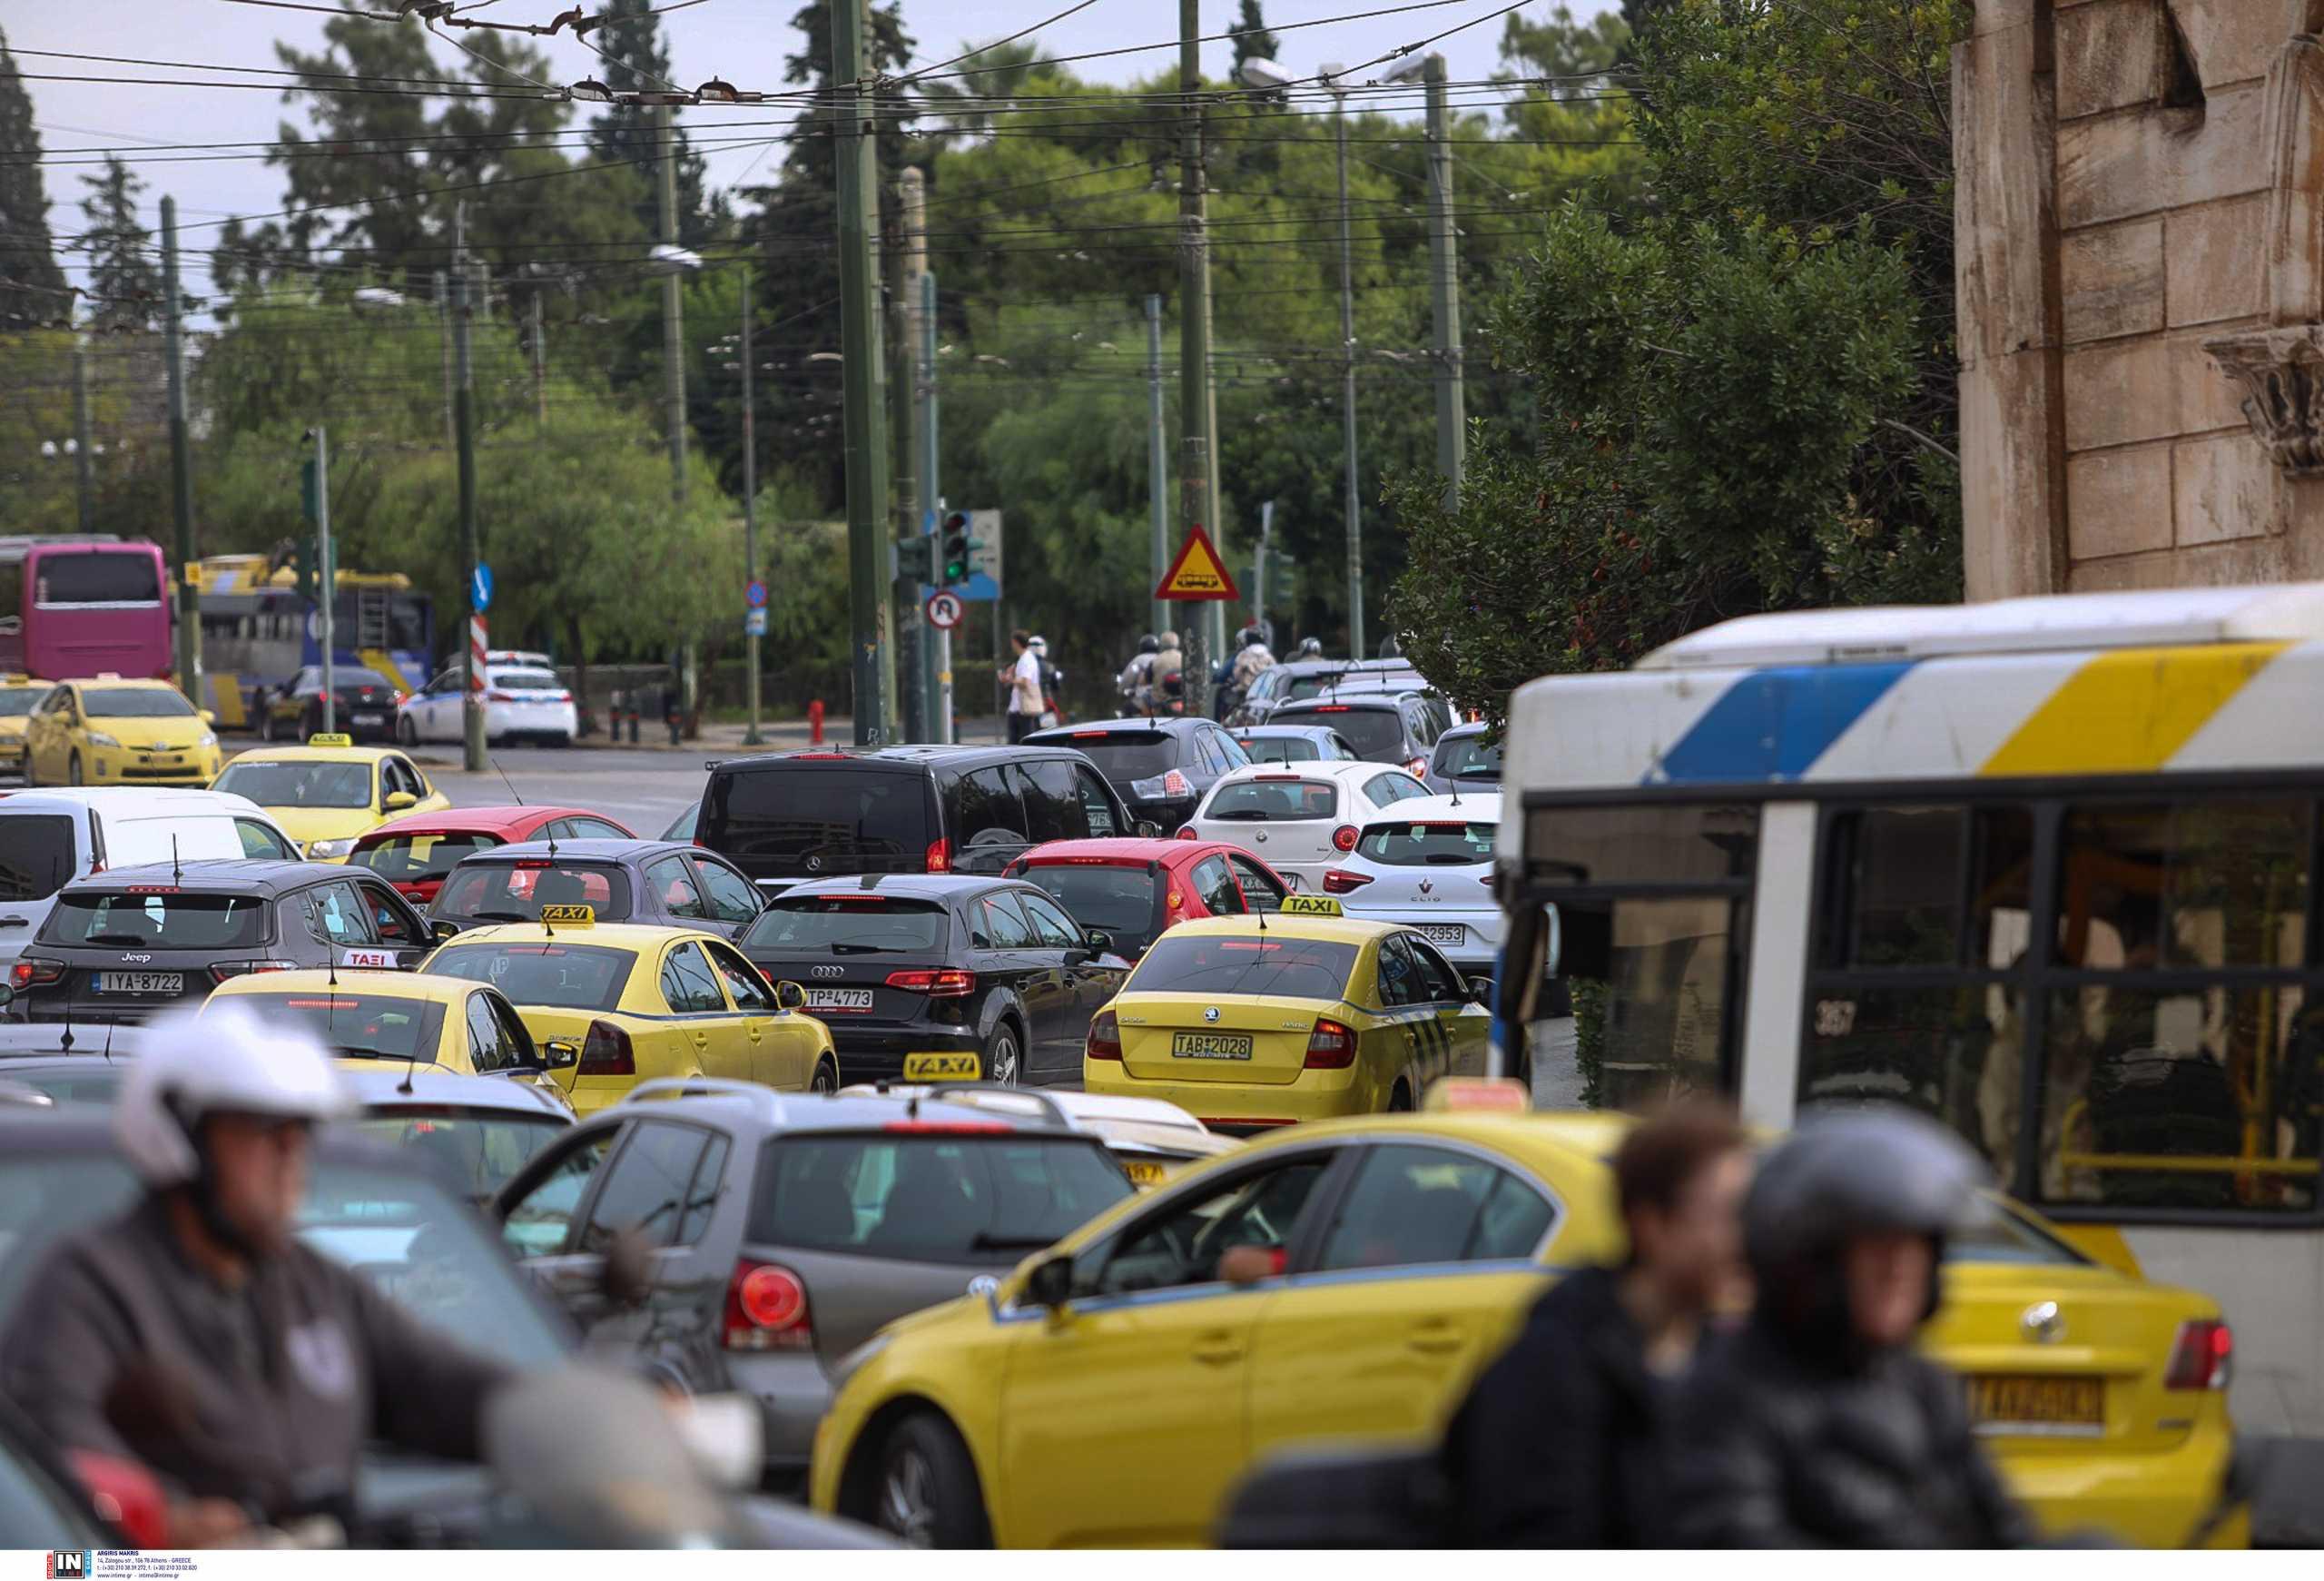 Κίνηση στους δρόμους: Ανυπόφορη η κατάσταση – Ειδικοί απαντούν γιατί έχει ενταθεί το κυκλοφοριακό